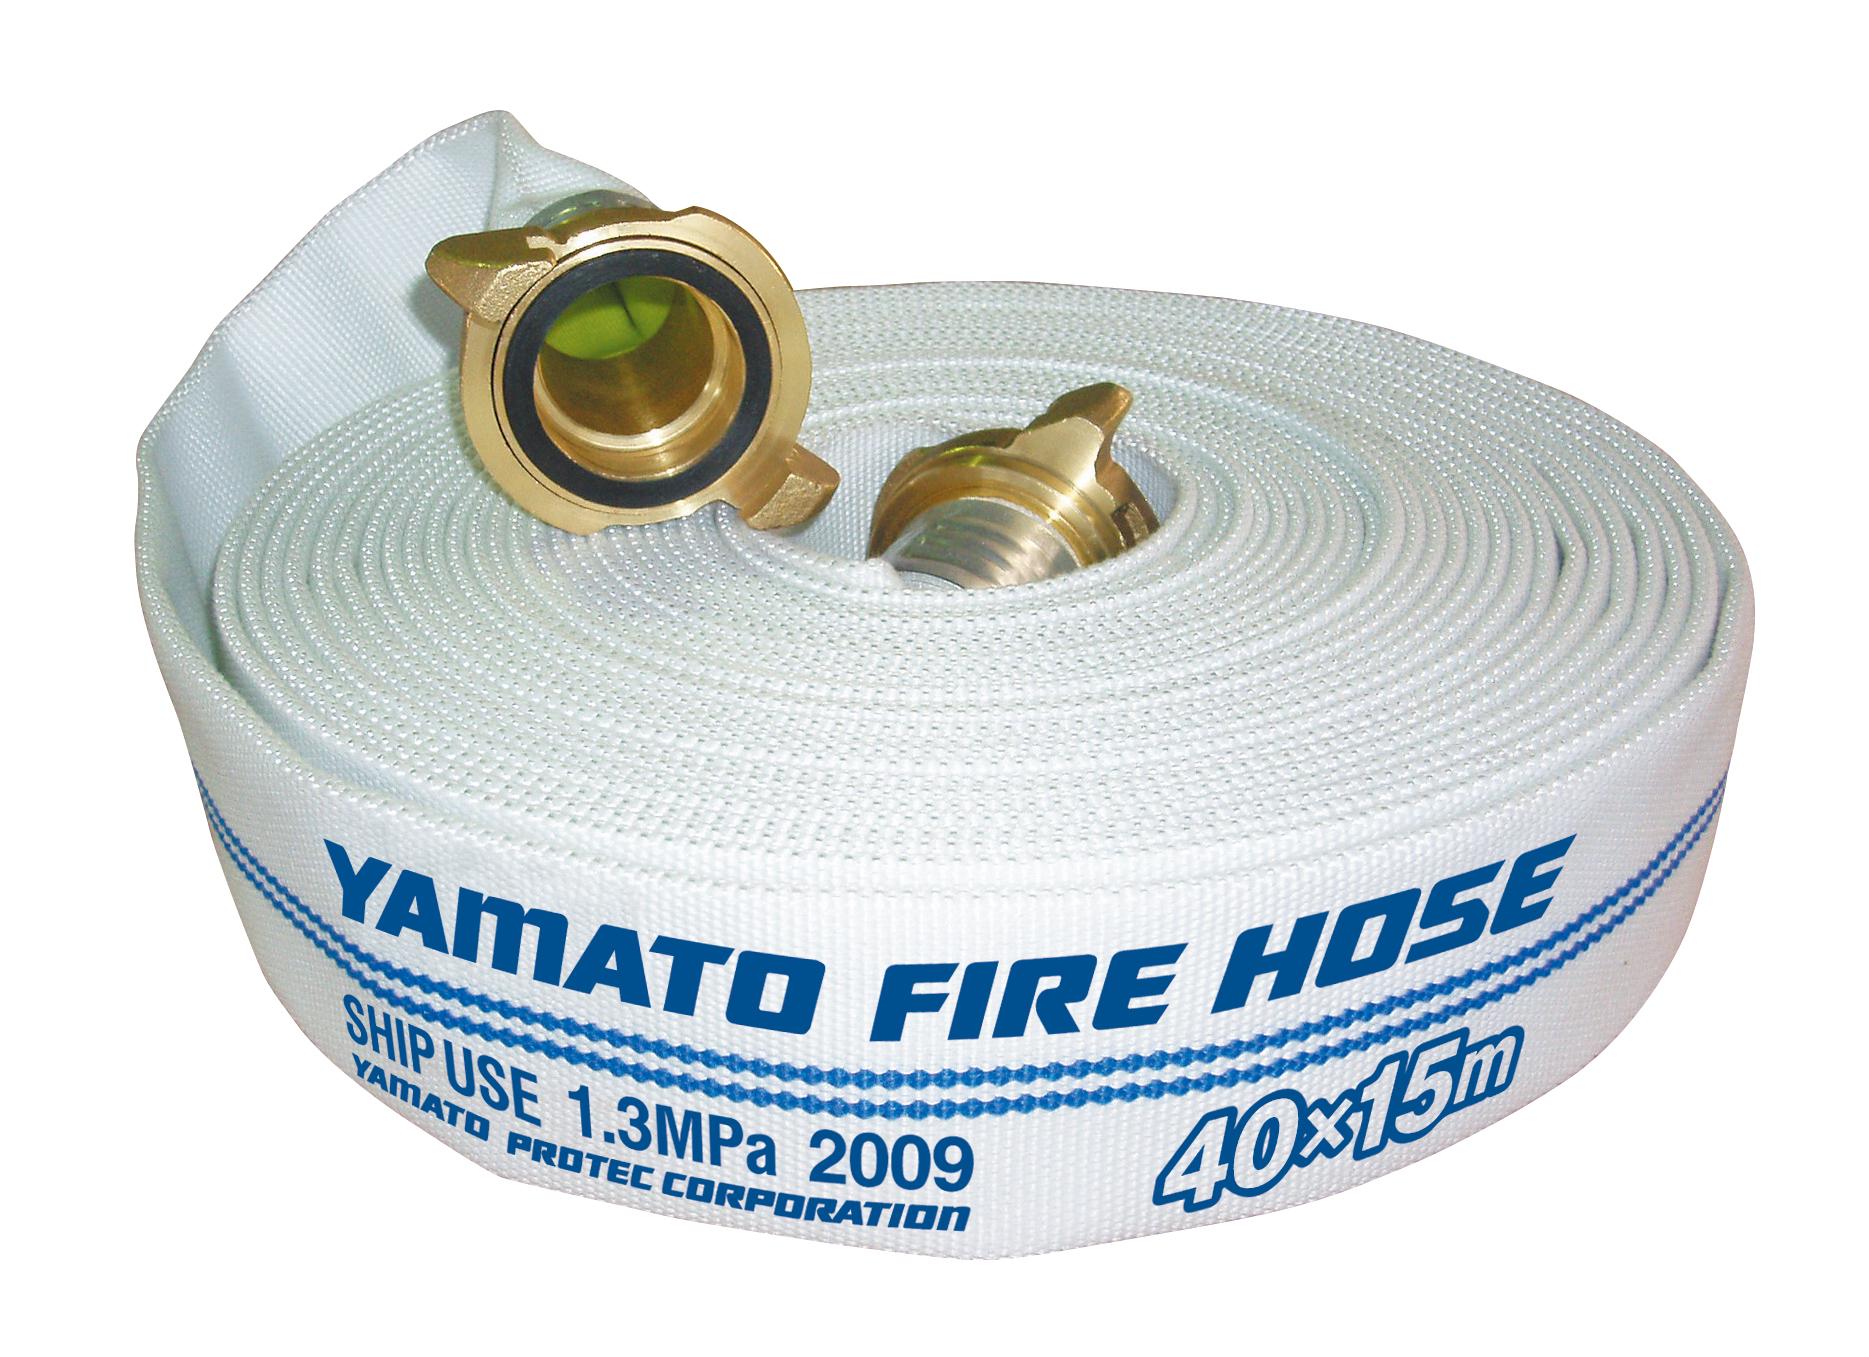 船舶用消火ホース YSH-134015